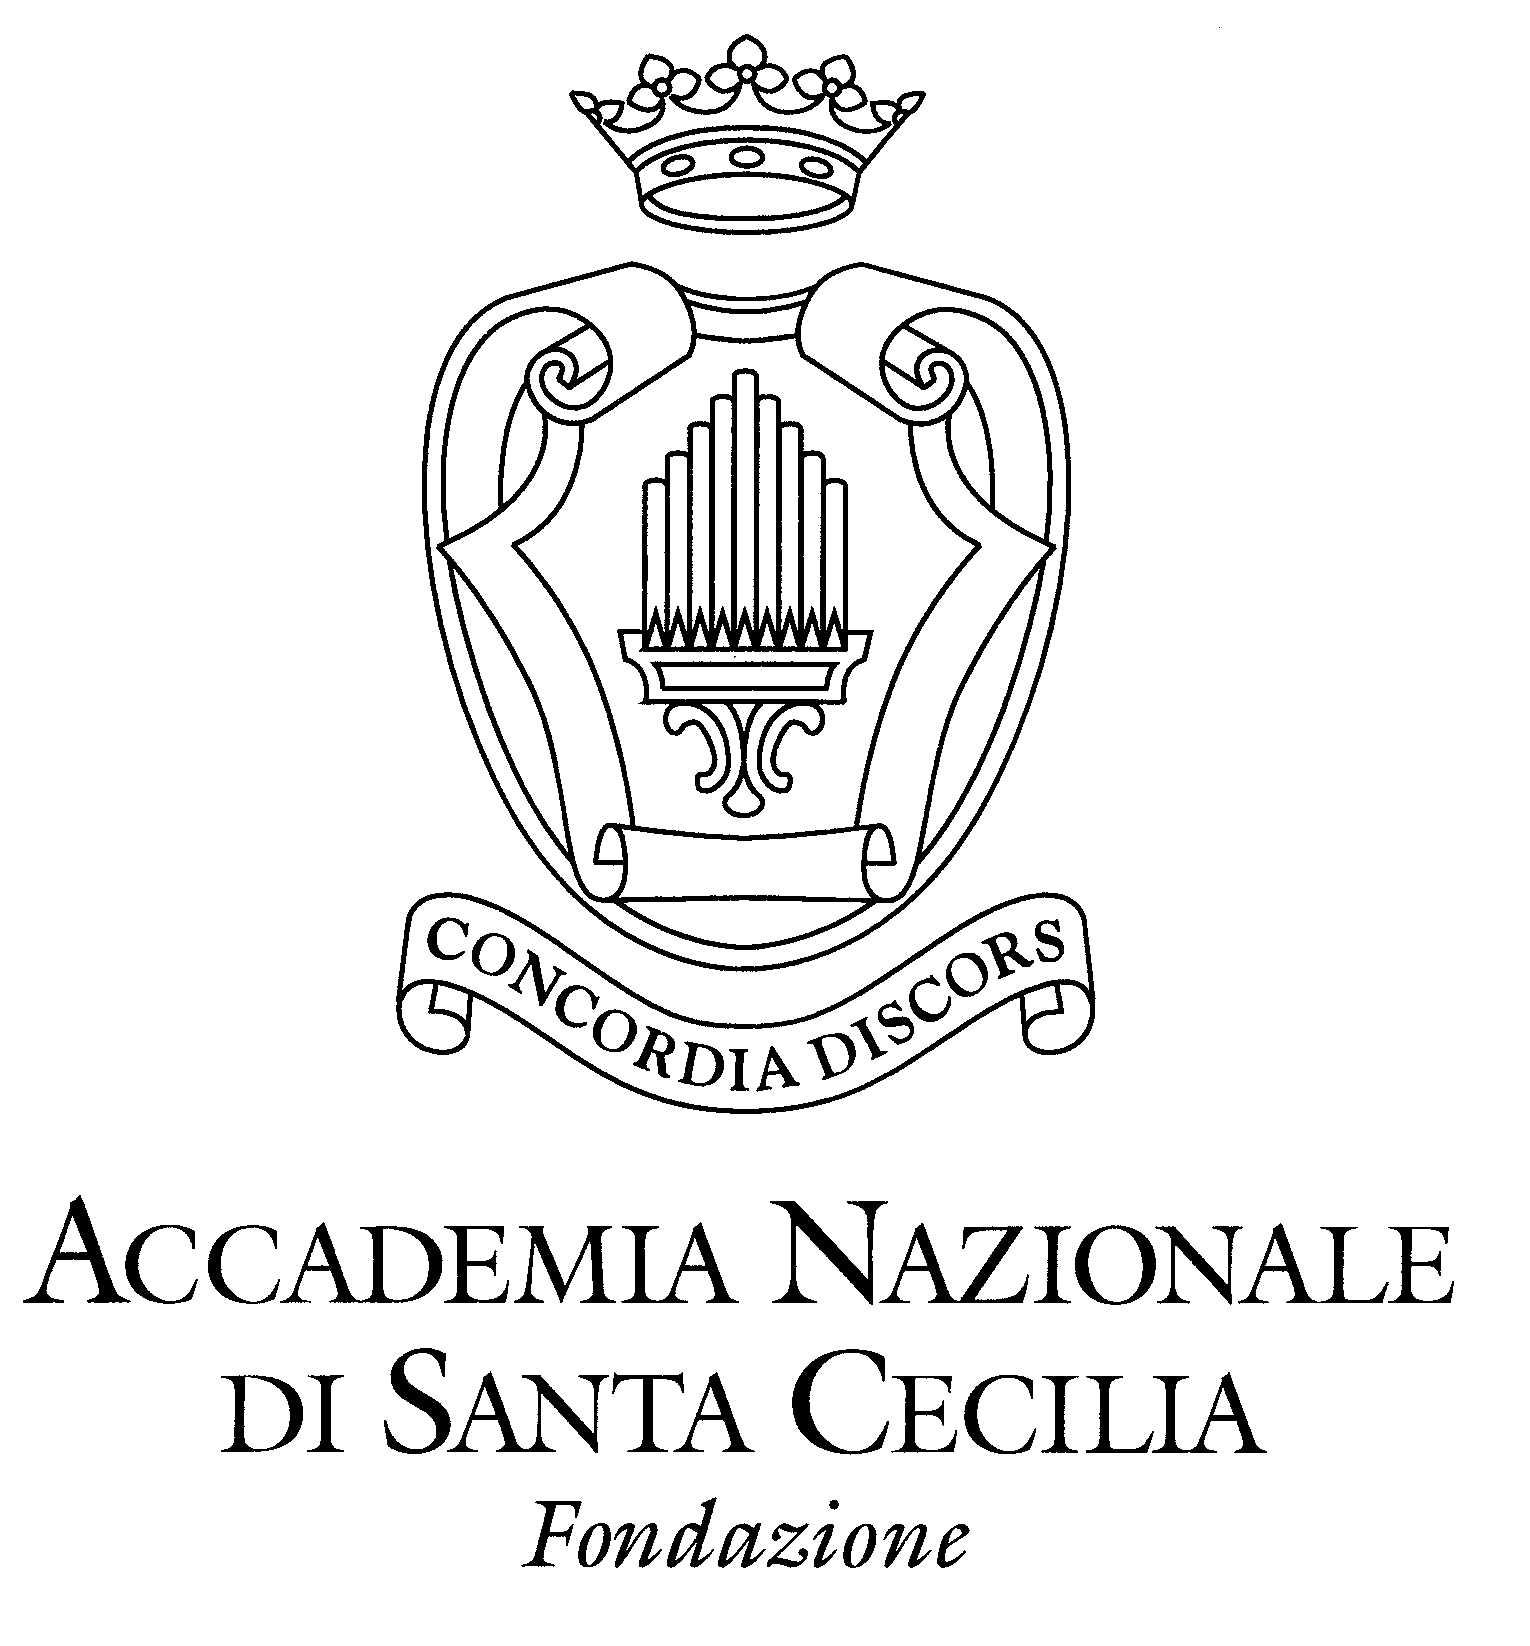 Carnet Natalizio dell'Accademia di Santa Cecilia